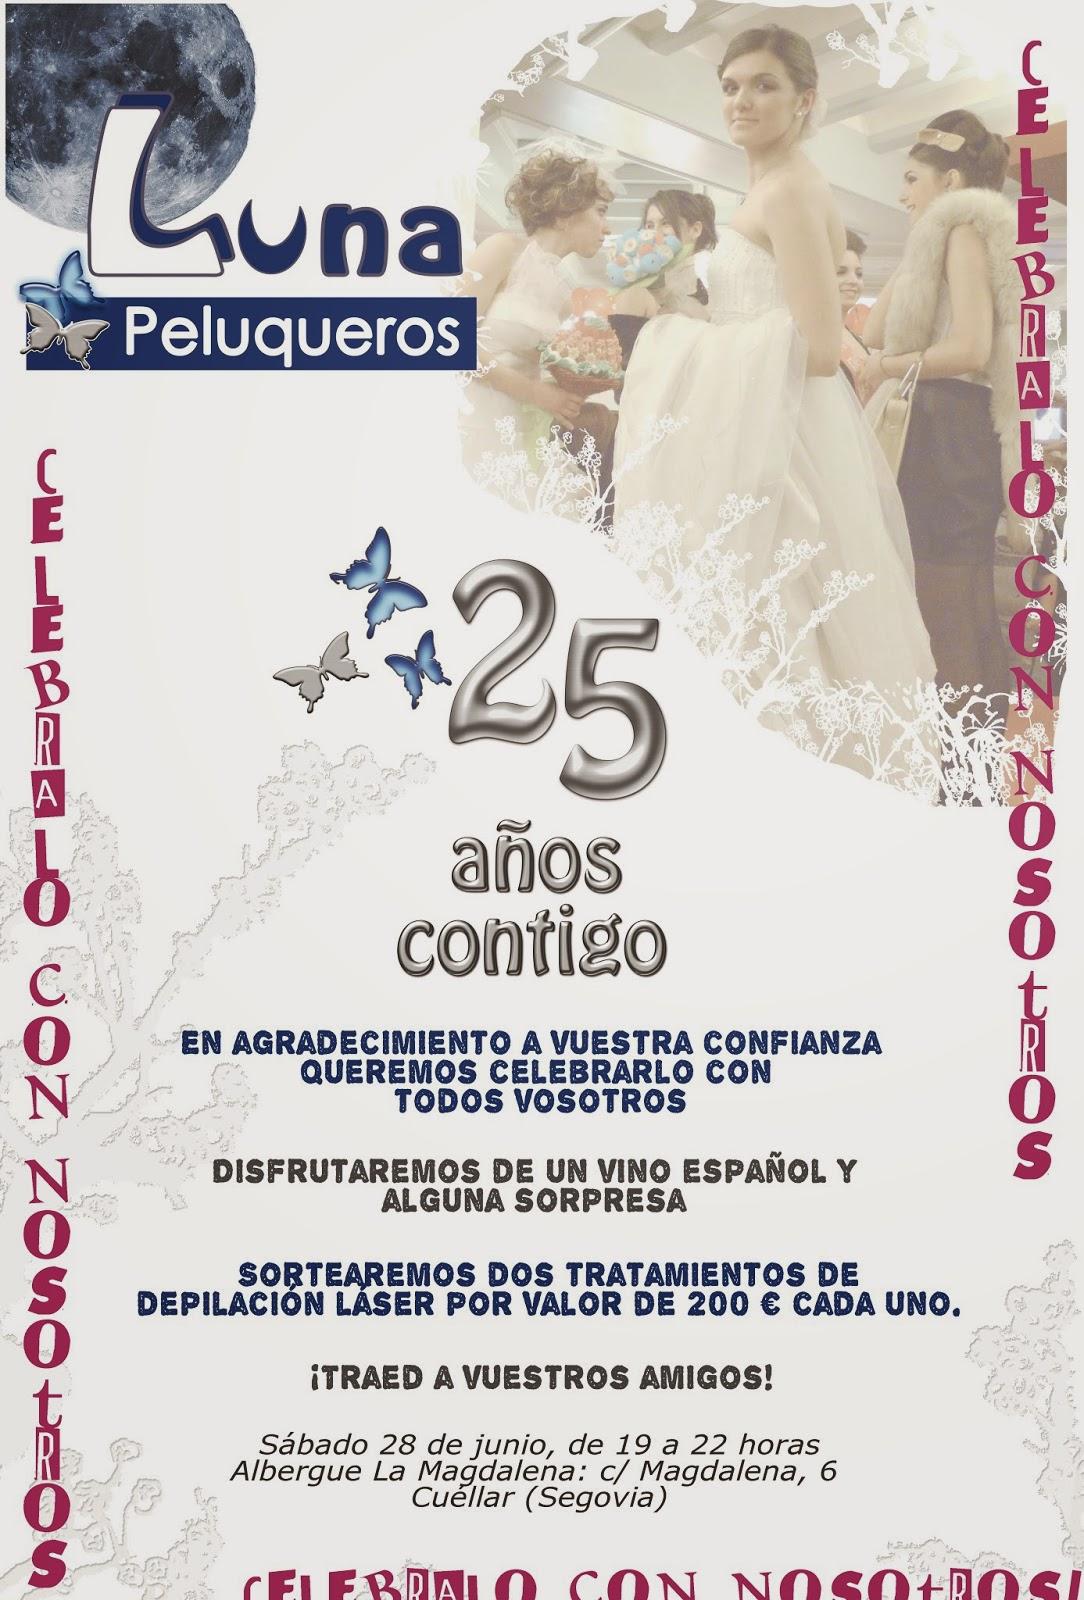 http://www.peluquerialuna.es/galeria/celebraciones/movil.html